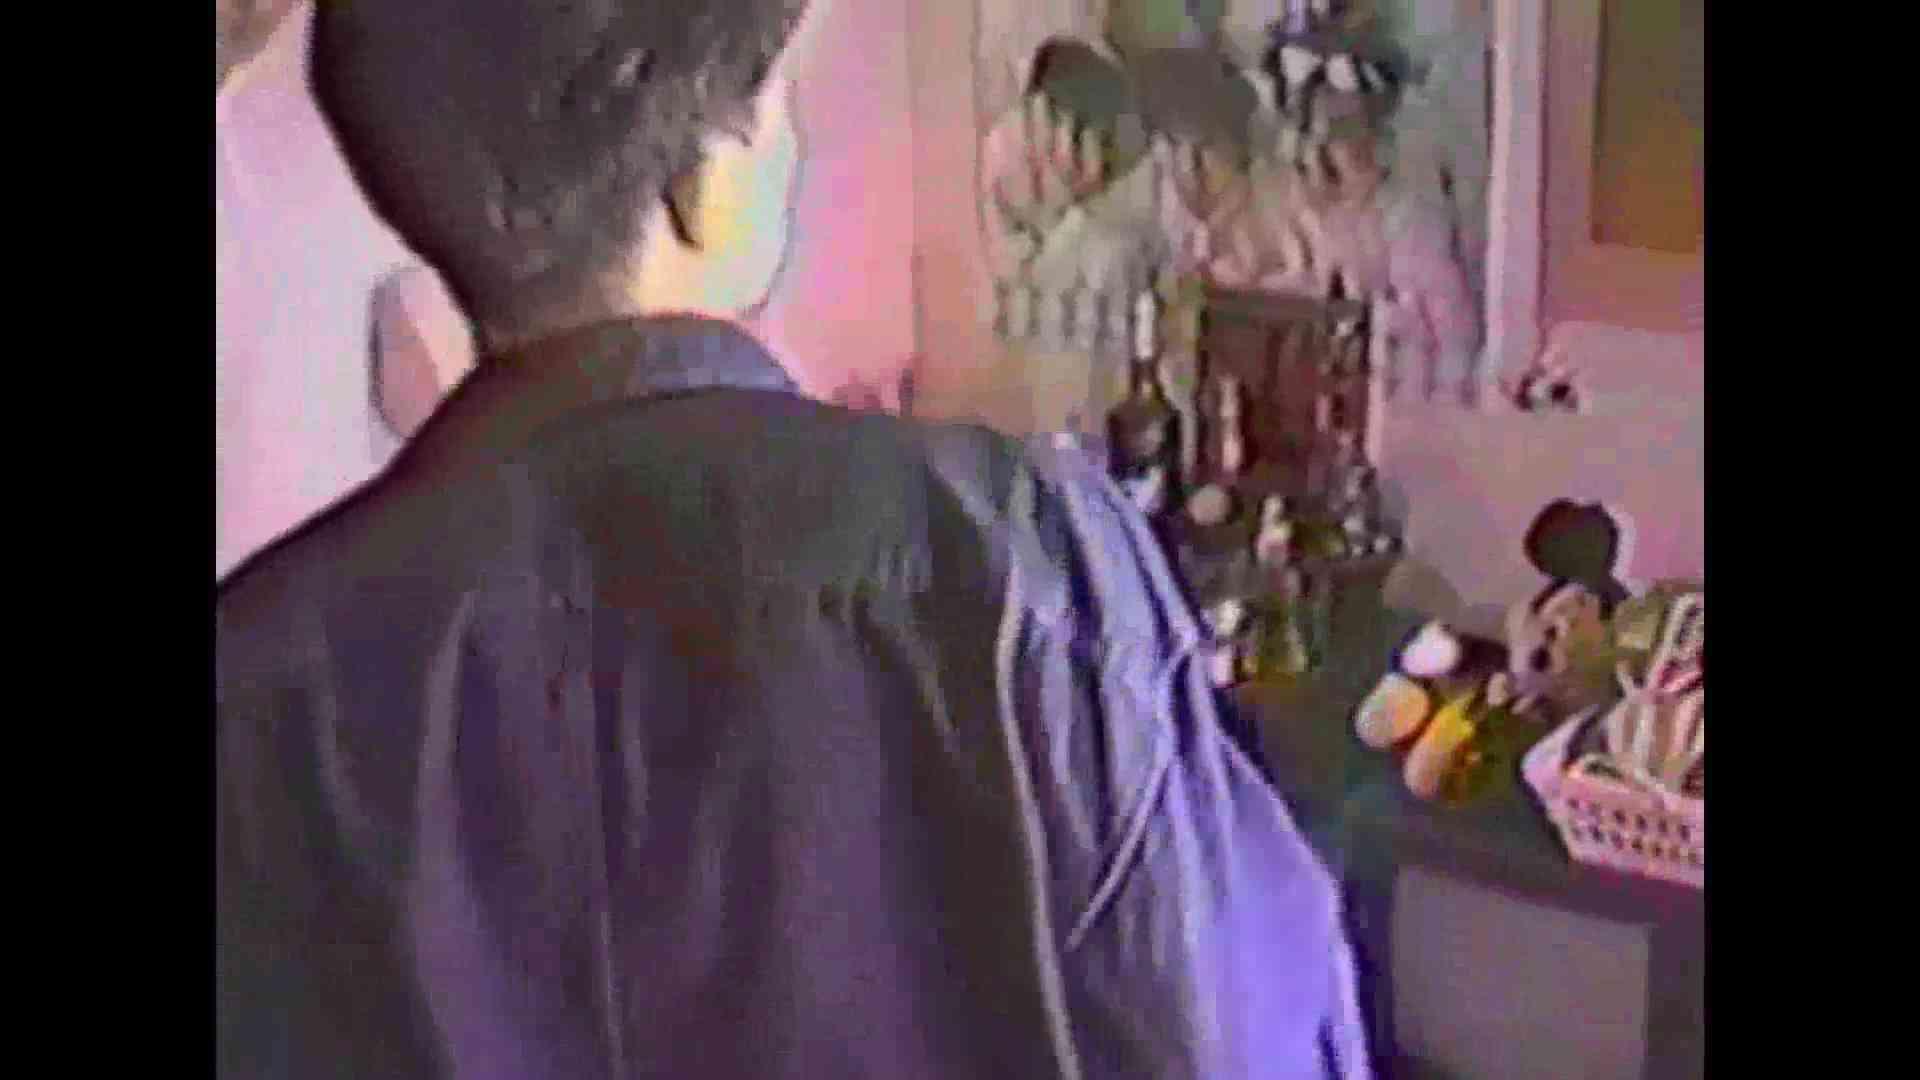 往年の名作 あの頃は若かった!第3弾 Vol.04 ディルド天国 ゲイエロビデオ画像 97pic 25